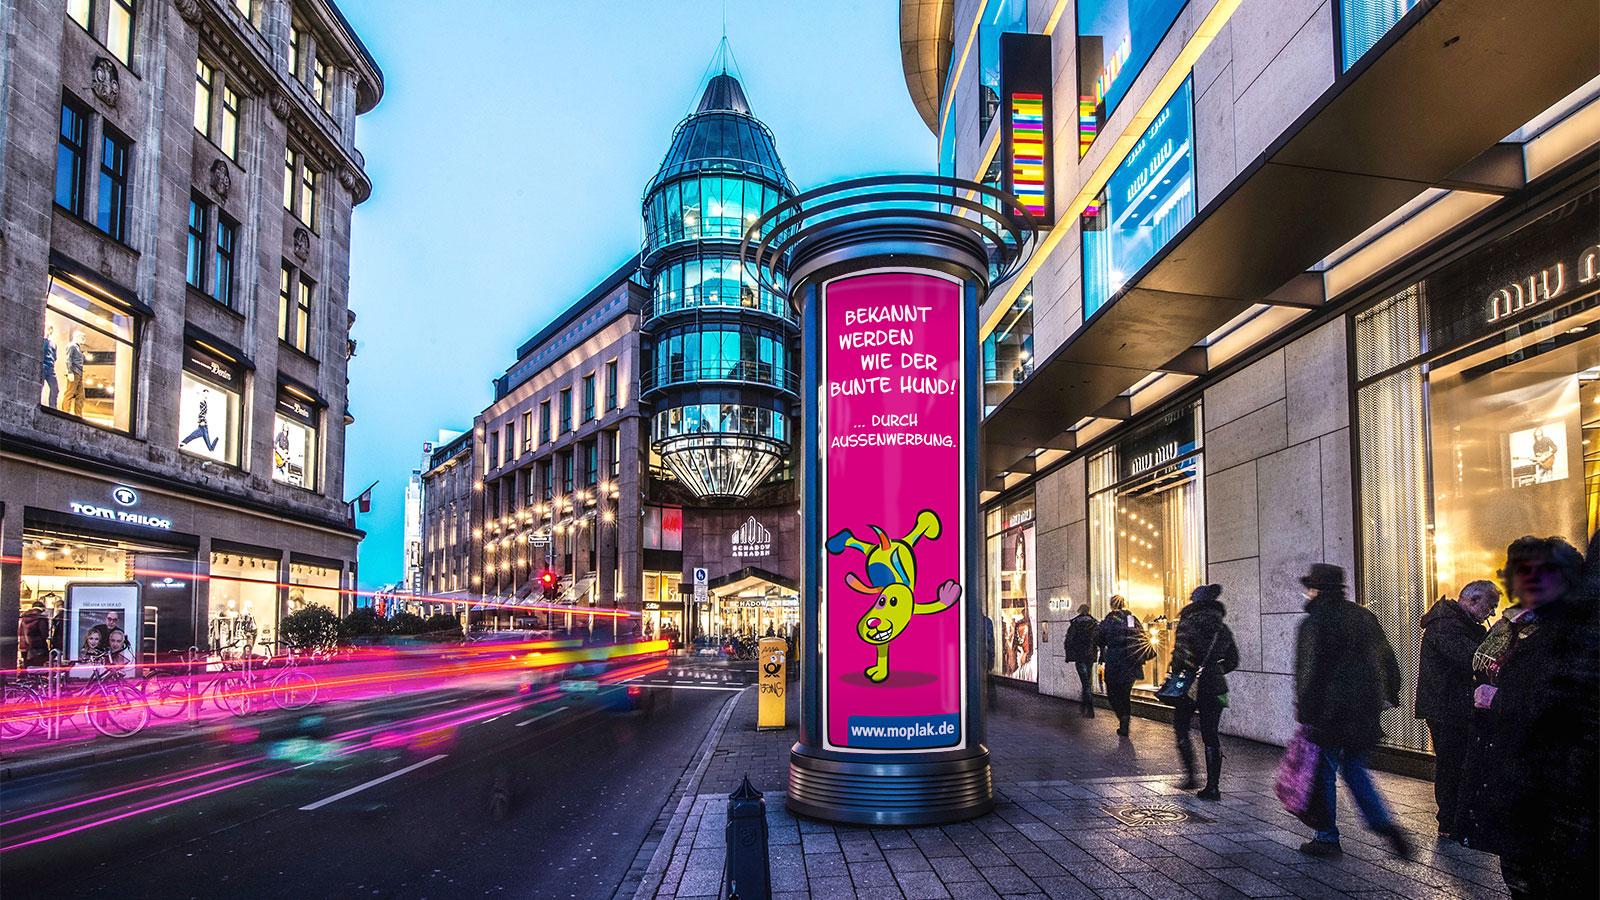 Bremen-Aussenwerbung-Litfasssaeule-Werbung